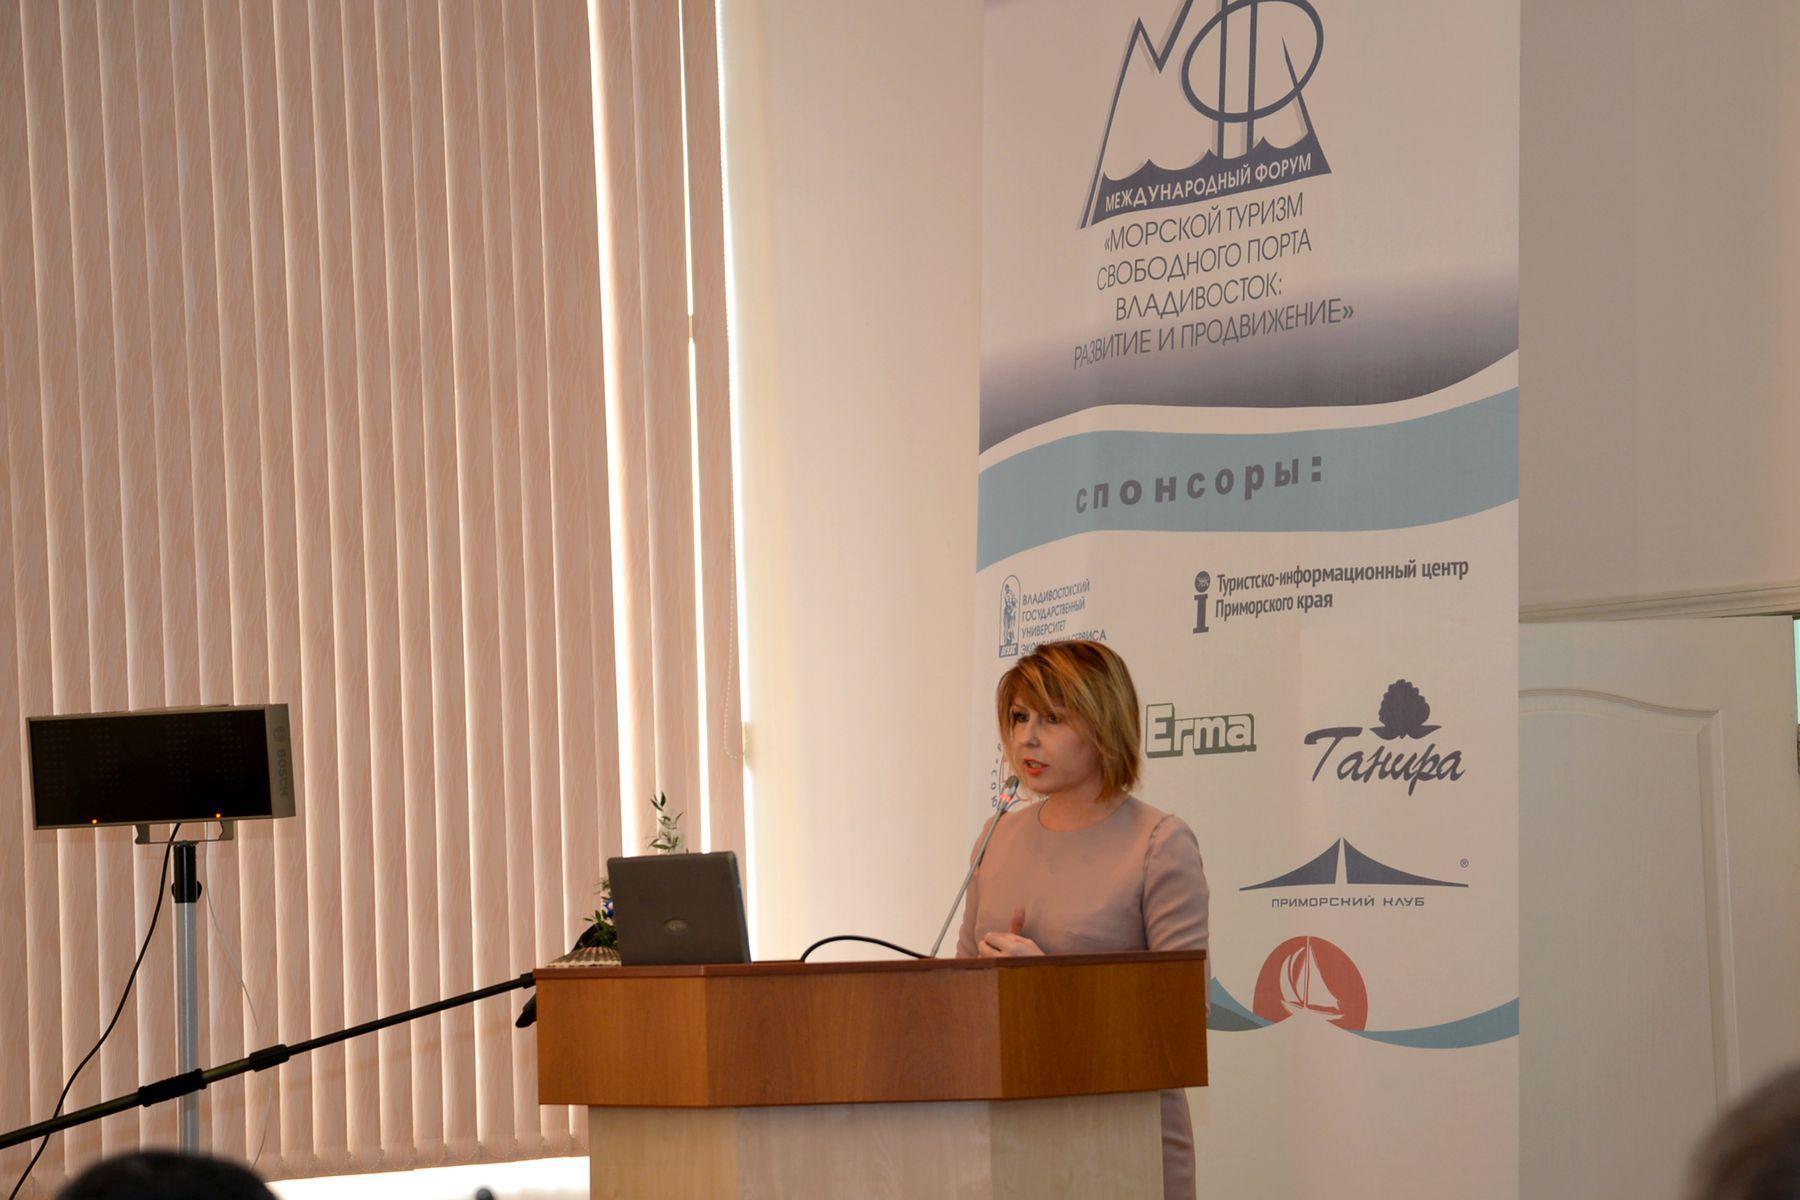 Во ВГУЭС впервые прошел Международный форум «Морской туризм Свободного порта Владивосток: развитие и продвижение»